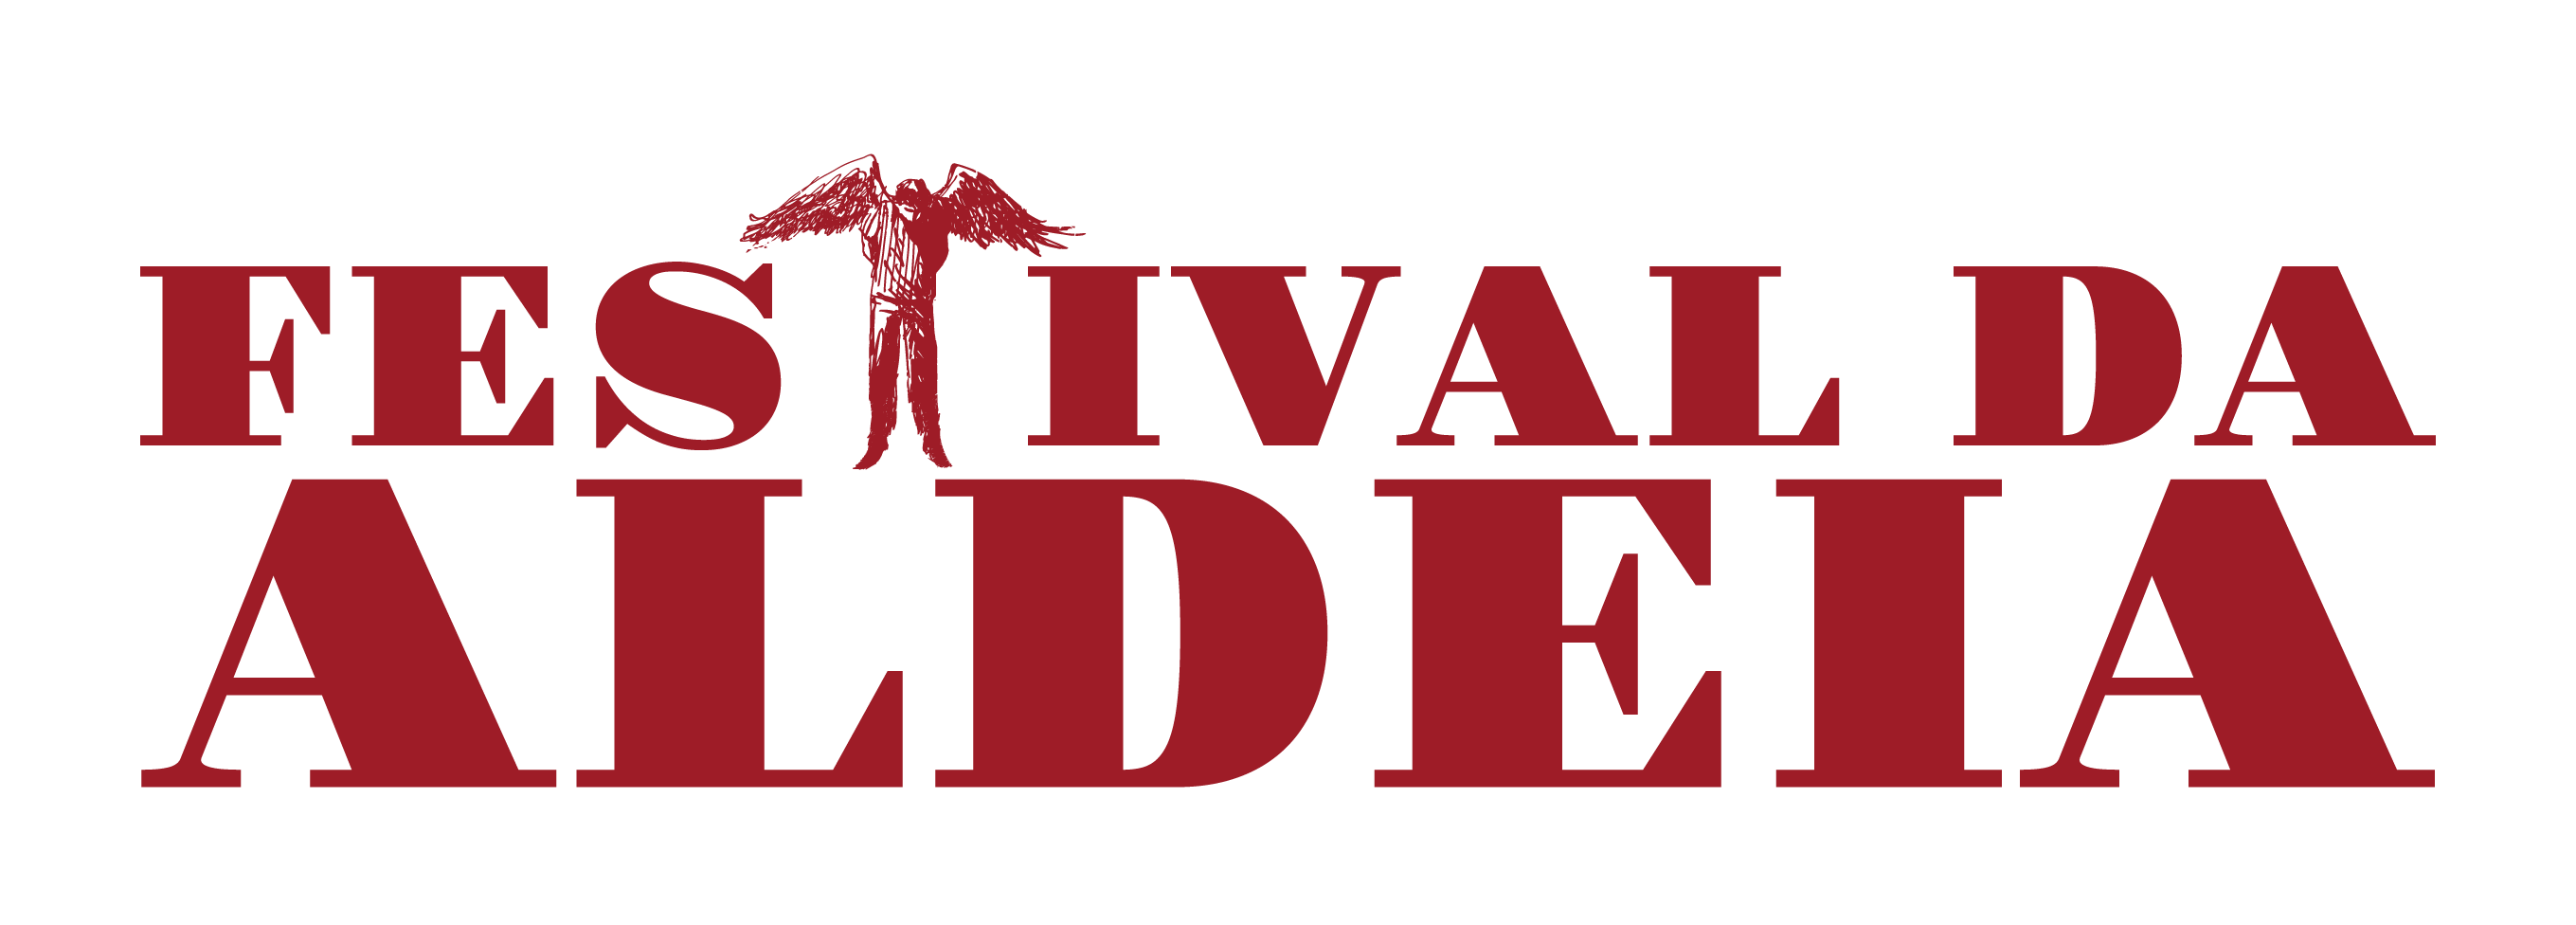 Festival da Aldeia